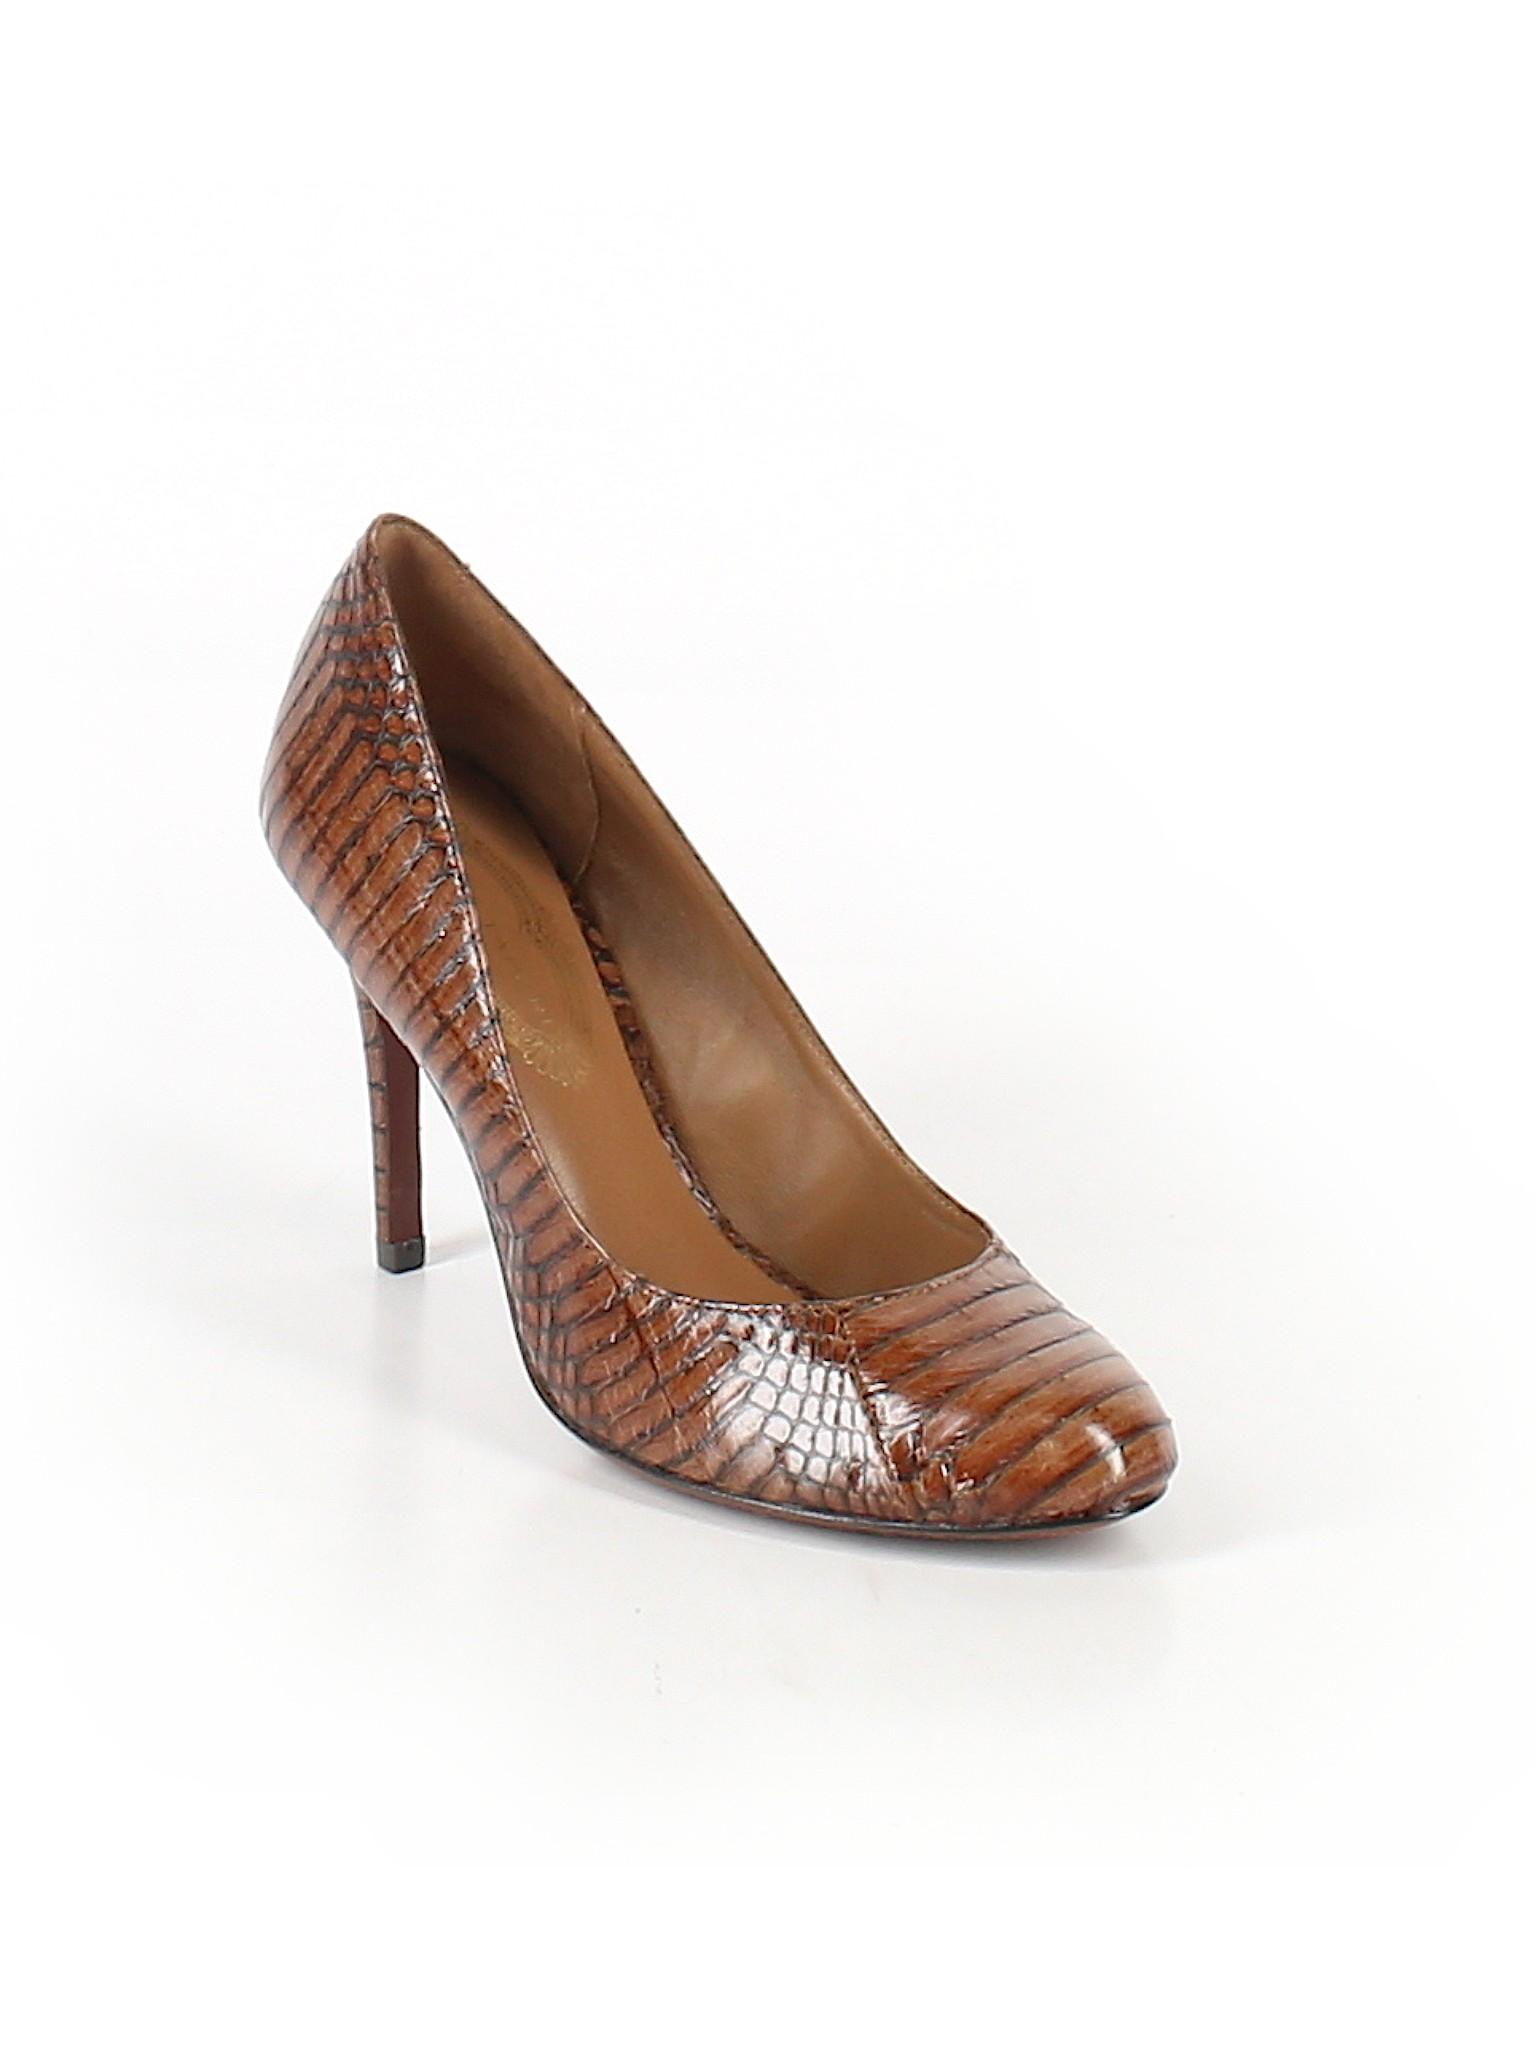 Elie Boutique promotion Elie promotion Tahari Tahari Heels Heels Boutique Boutique FyFRqAc